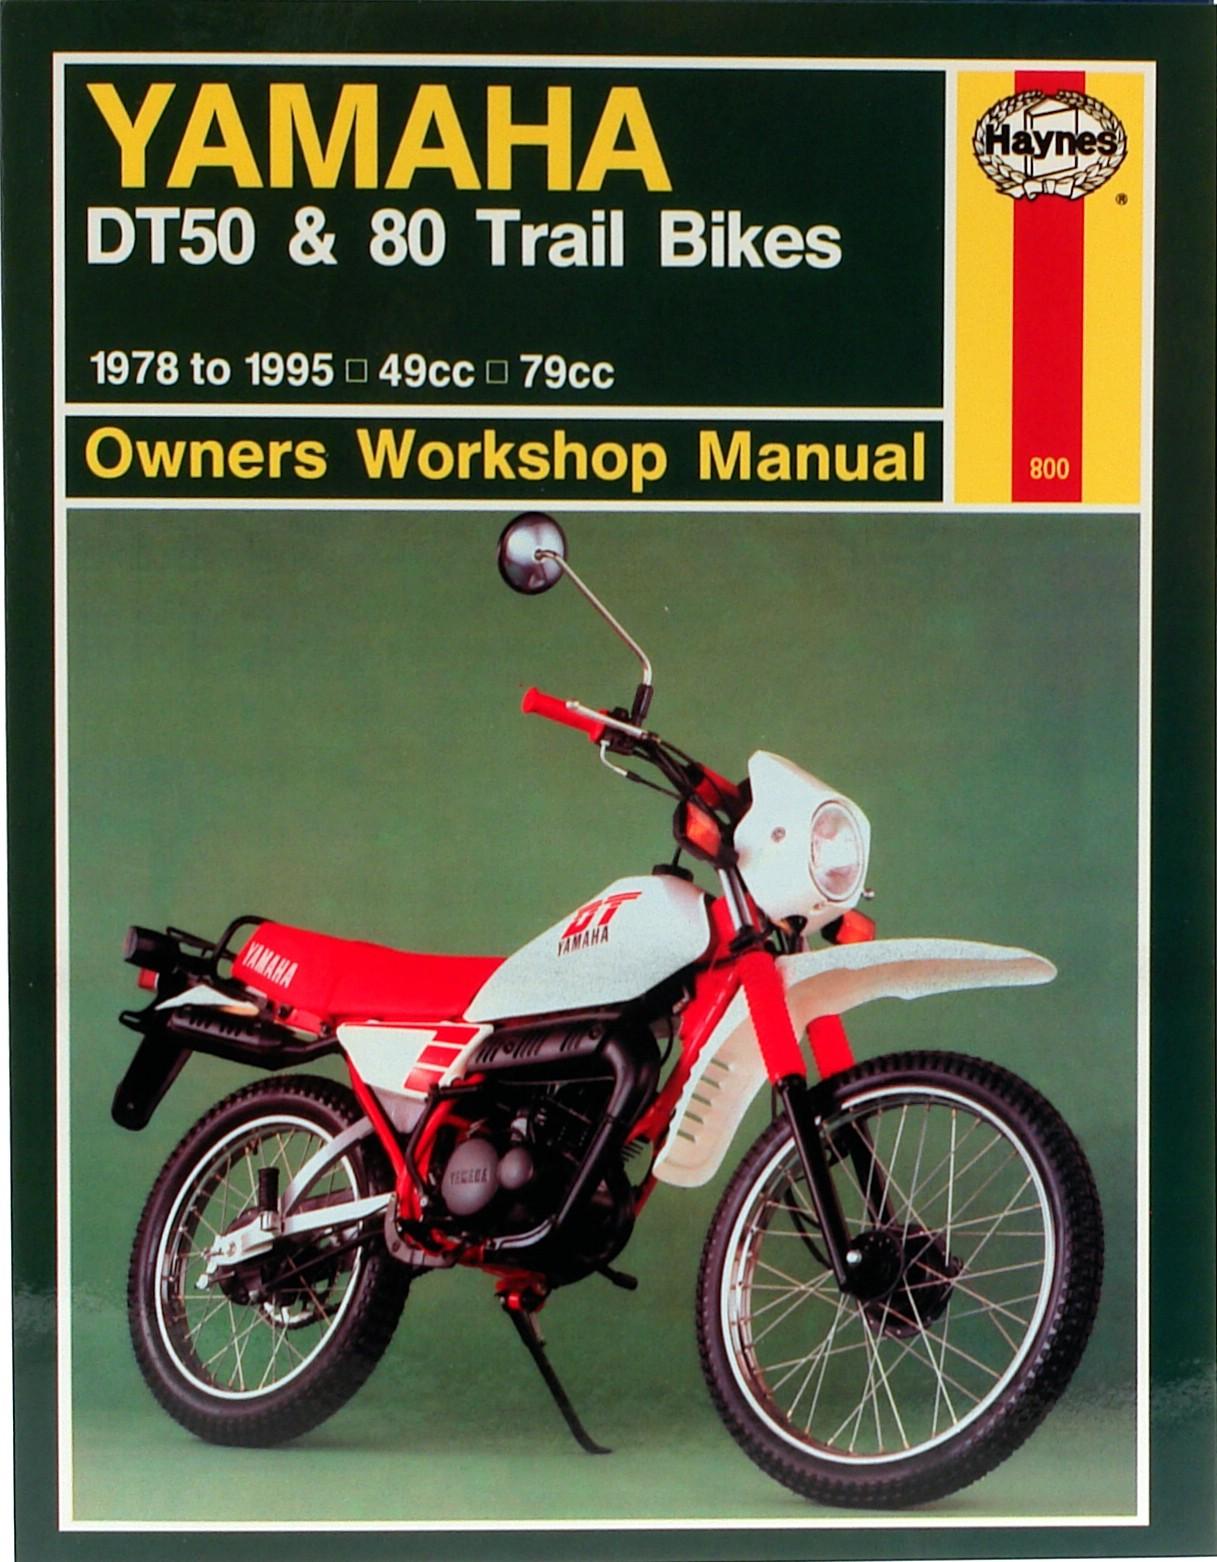 Haynes Manual Yamaha Dt50mx Dt80mx 78 95 Each Ebay Vfr 750 Honda Engine Diagram Dt50mxdt80mx